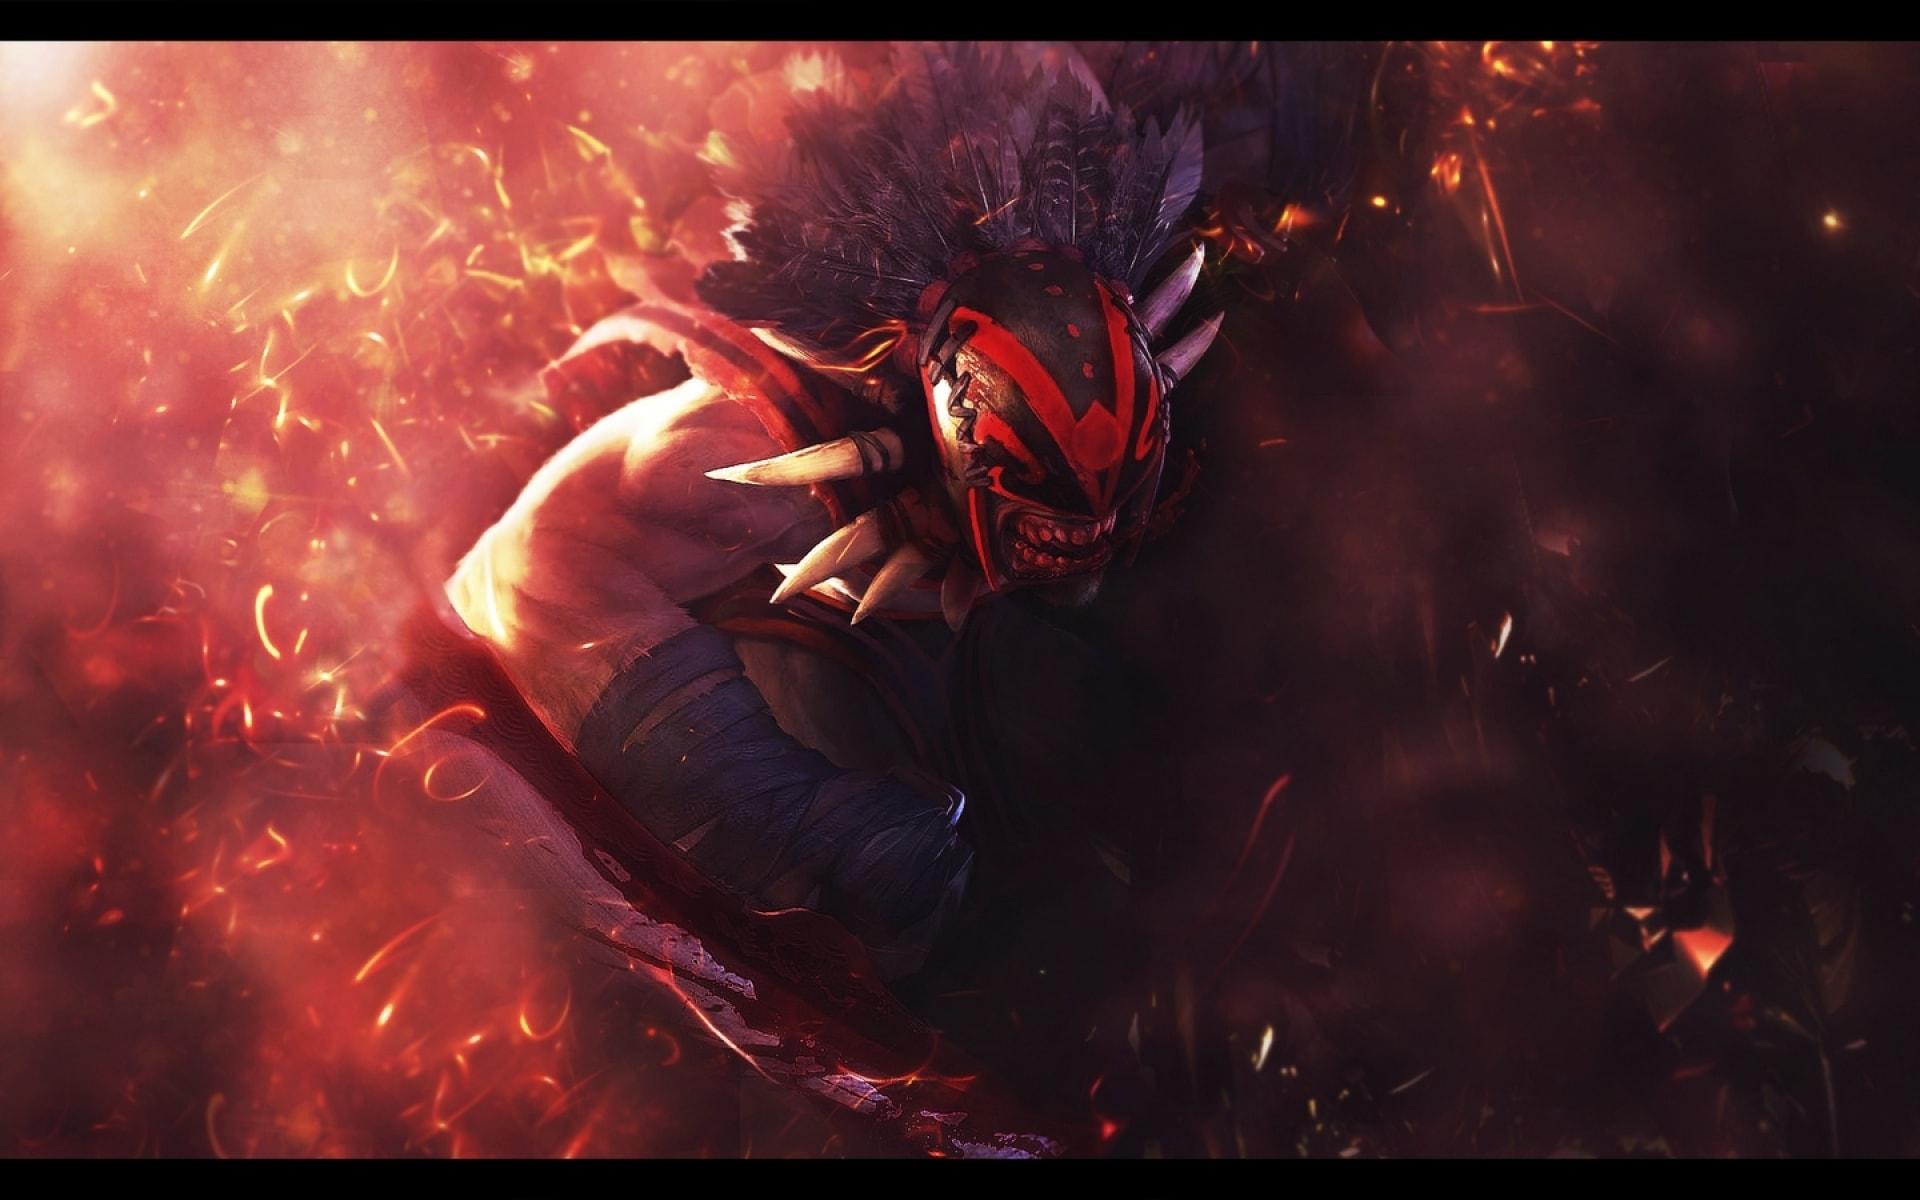 Dota2 : Bloodseeker Wallpapers